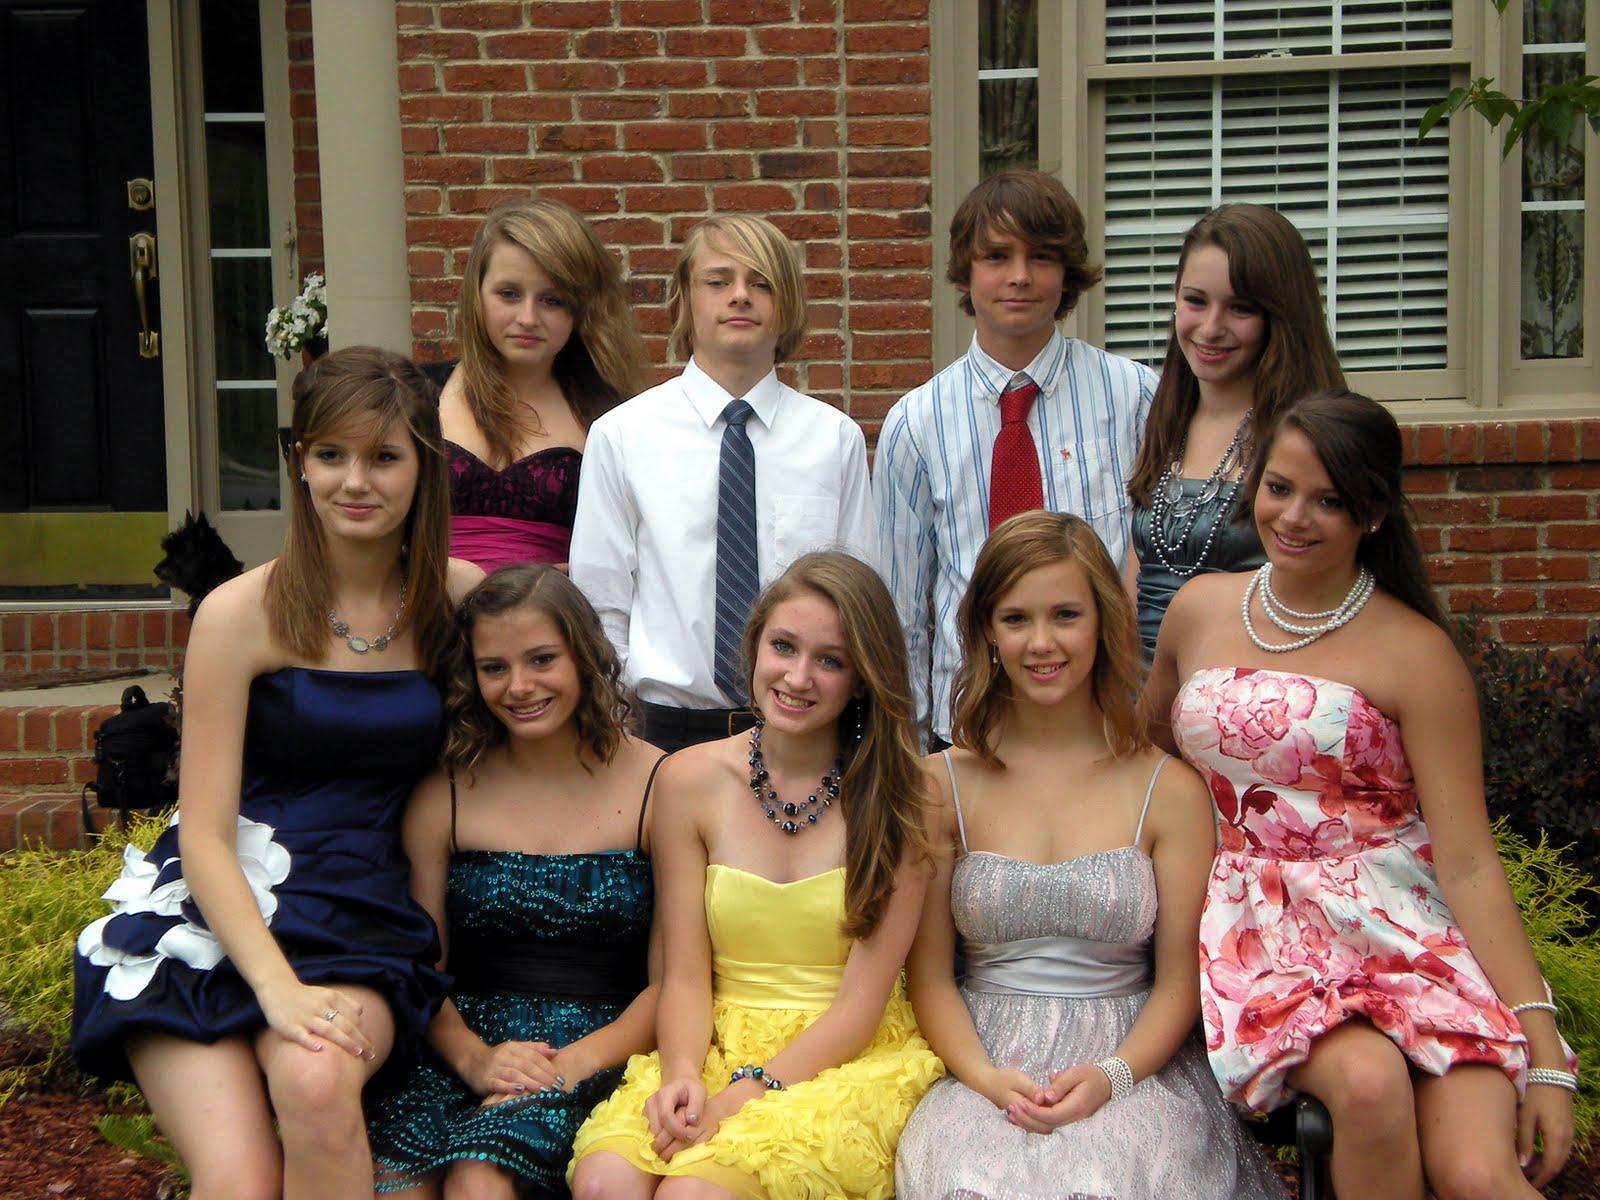 8th grade dance dresses smugmug 7th 8th grade formal dance photos